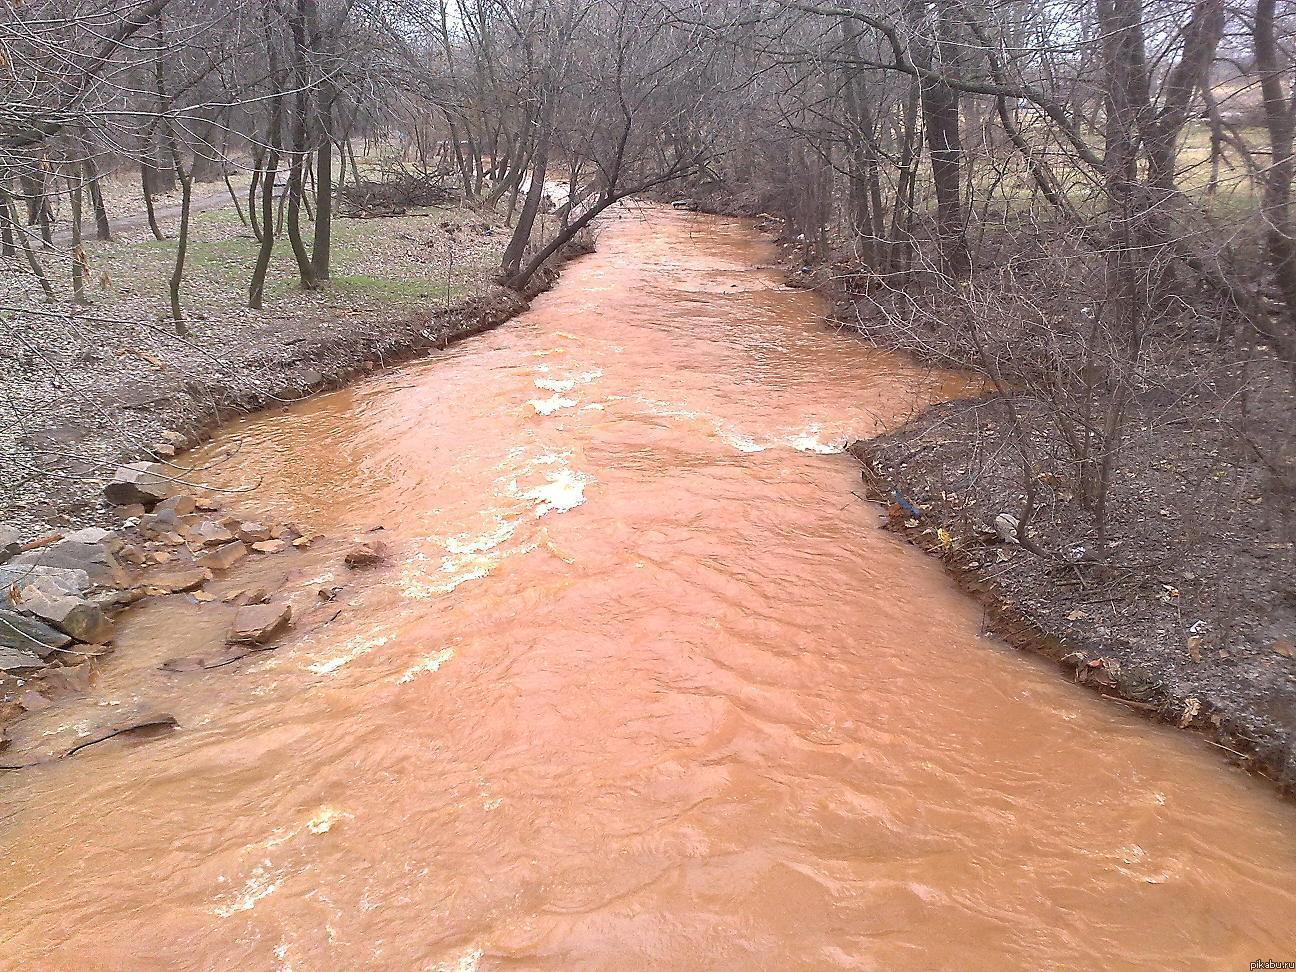 А у вас в городе есть рыжая речка? Вот, есть такое чудо в городе Запорожье. Даже страшно подумать, кто в ней живет :-0